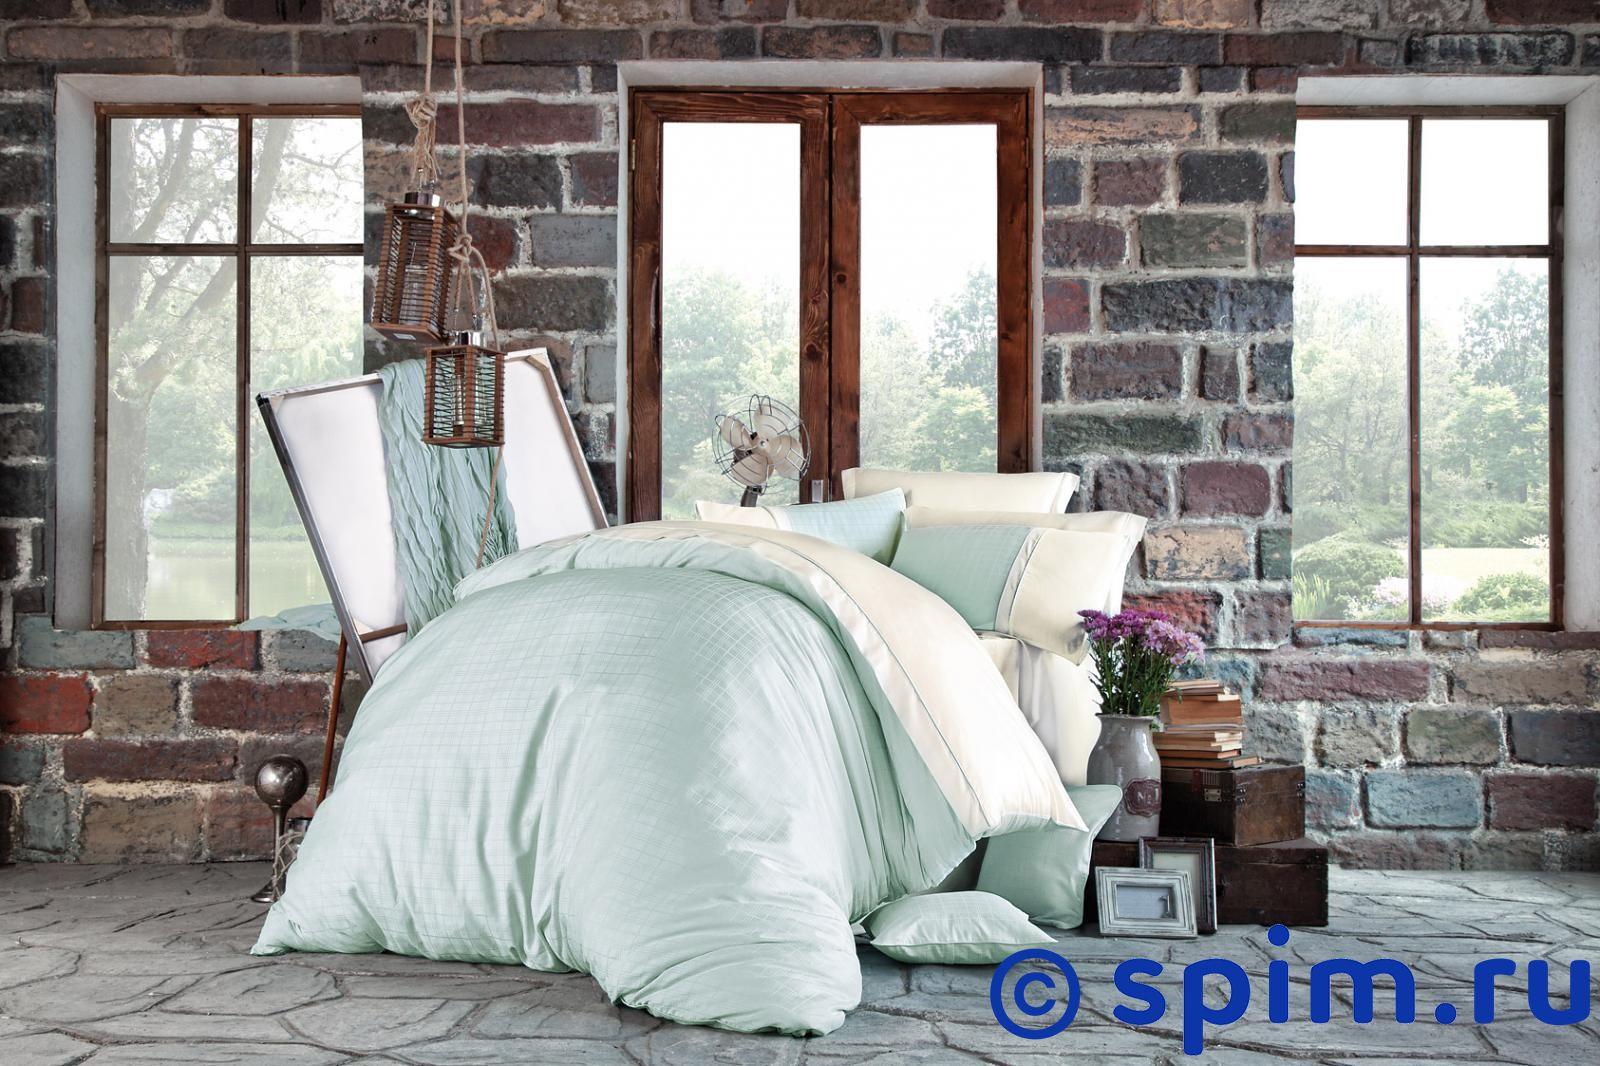 Постельное белье Issimo Petra Евро-стандарт постельное белье issimo soho евро стандарт